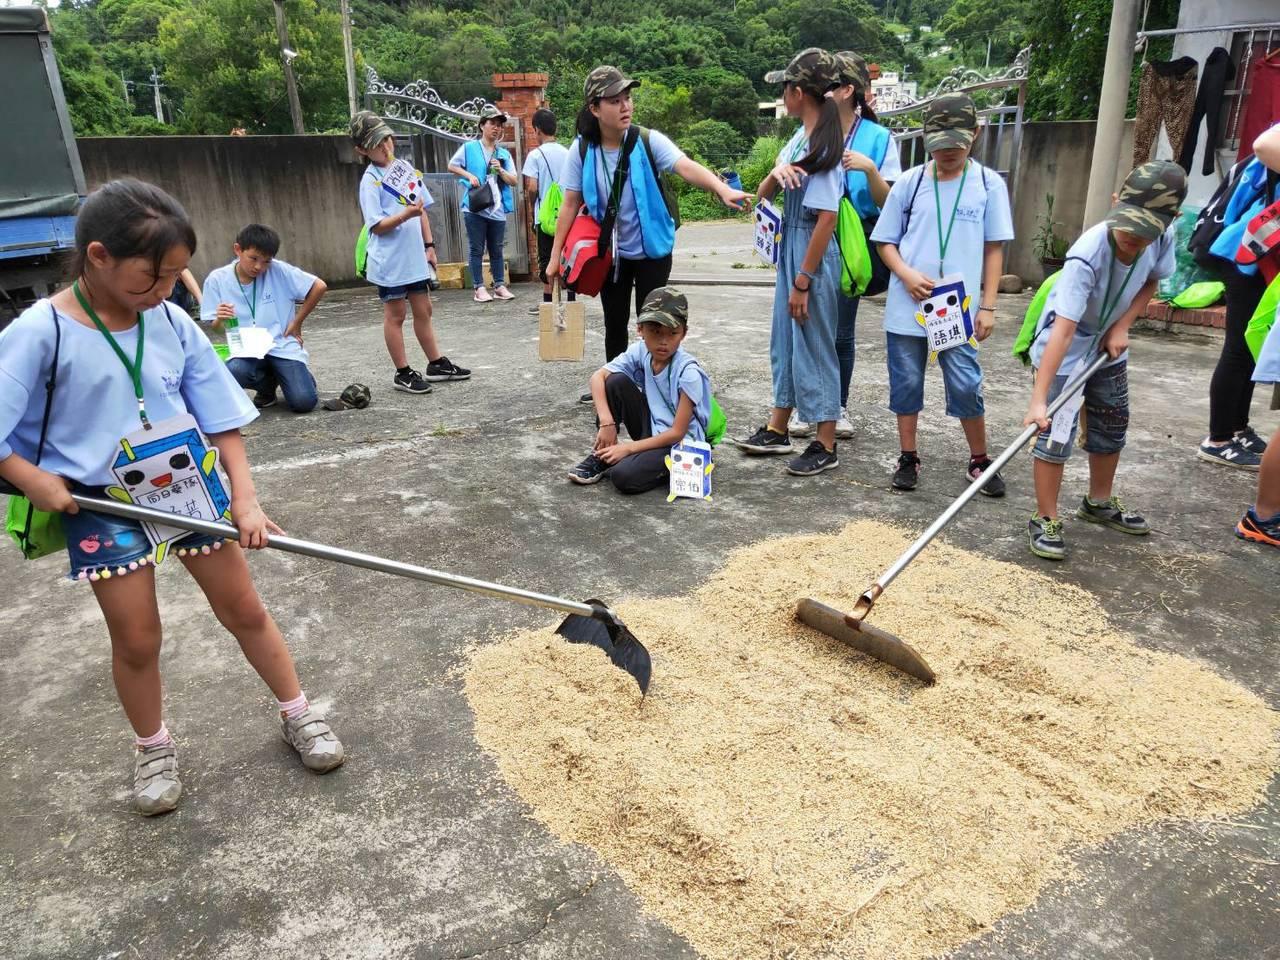 苗栗家扶中心舉辦綠光夏令營,安排學童們到稻田動手收割石虎米,並體驗曬榖。圖/苗栗...